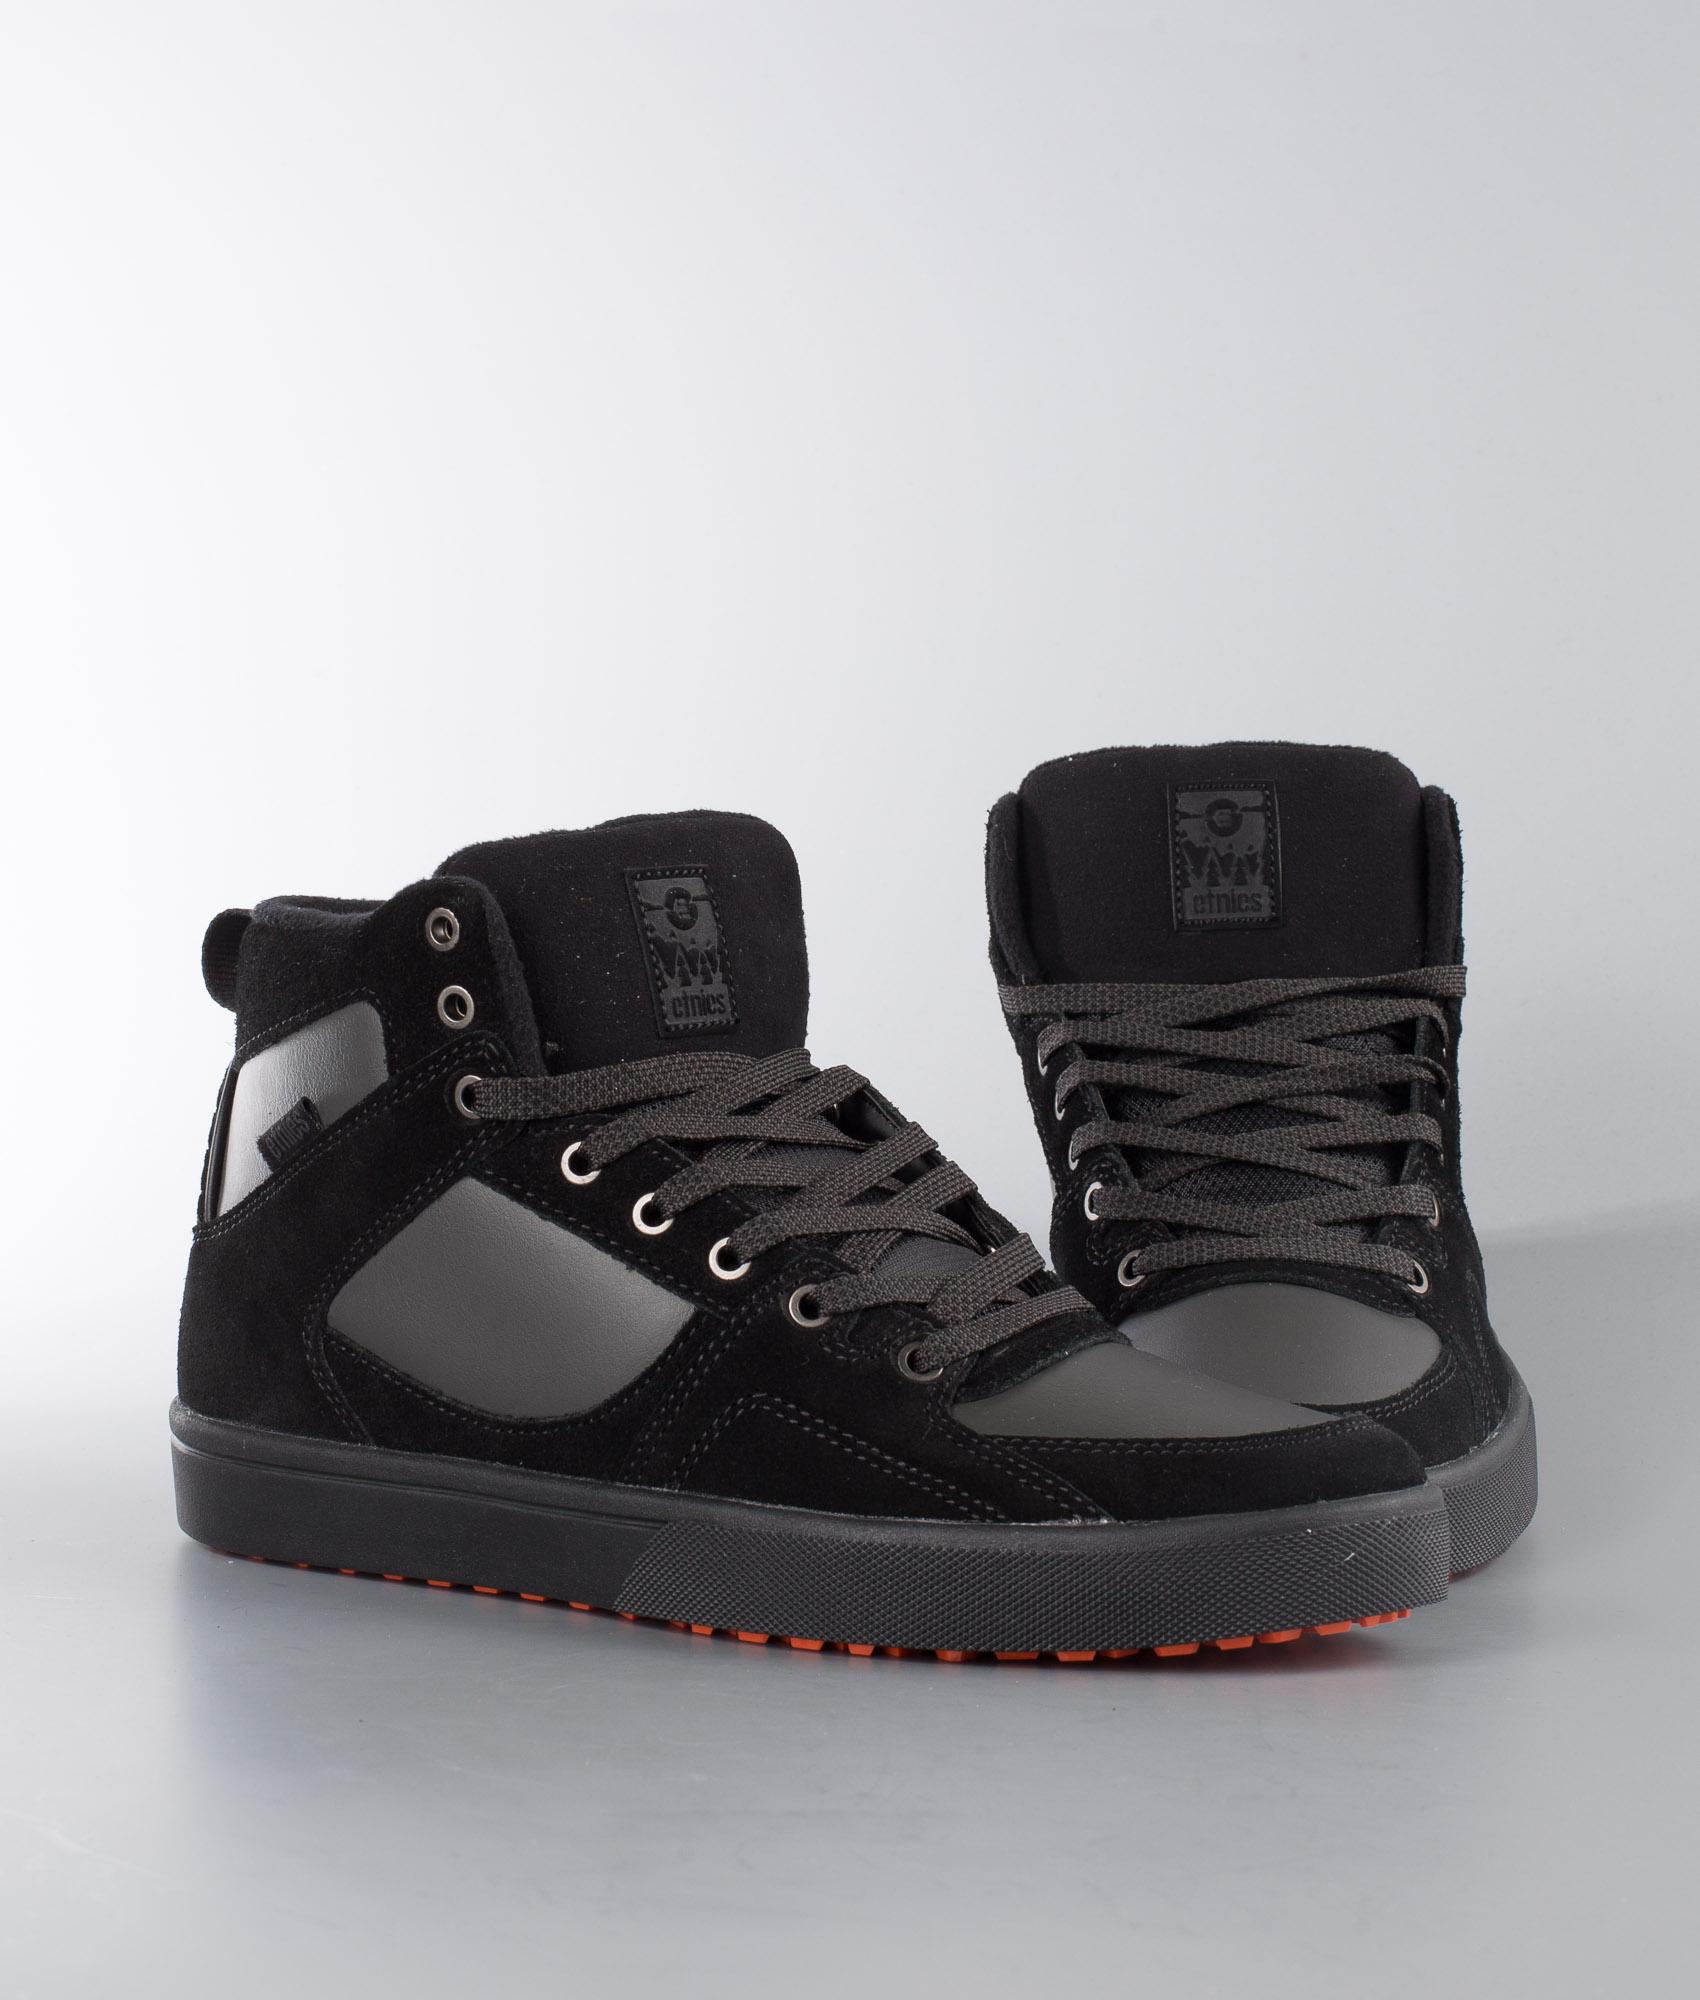 Etnies Greygum Htw Chaussures Blackdark Harrison pwpqrIH